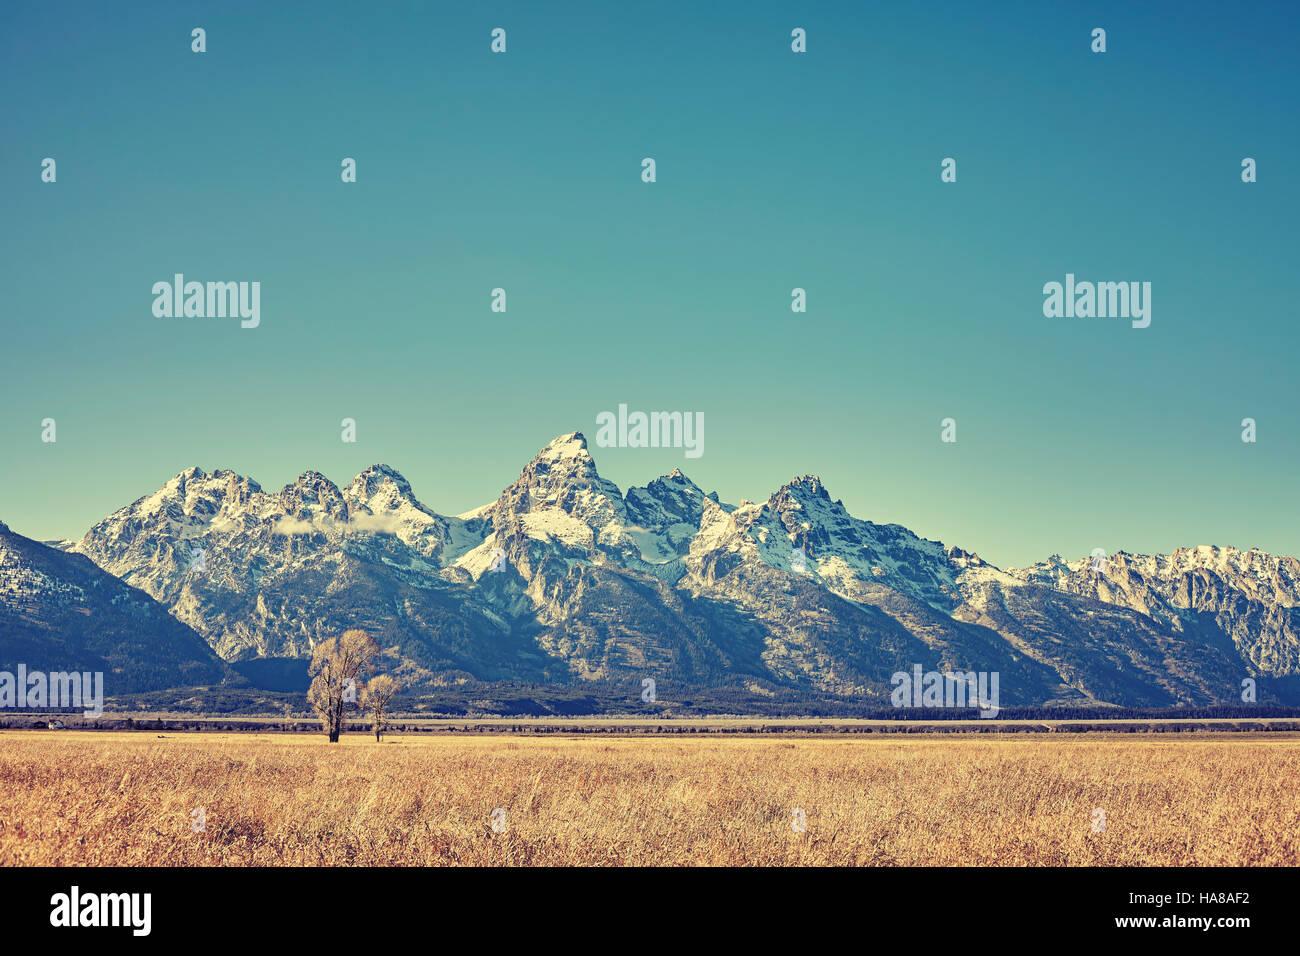 Retro toned view of Grand Teton mountain range, Wyoming, USA. - Stock Image